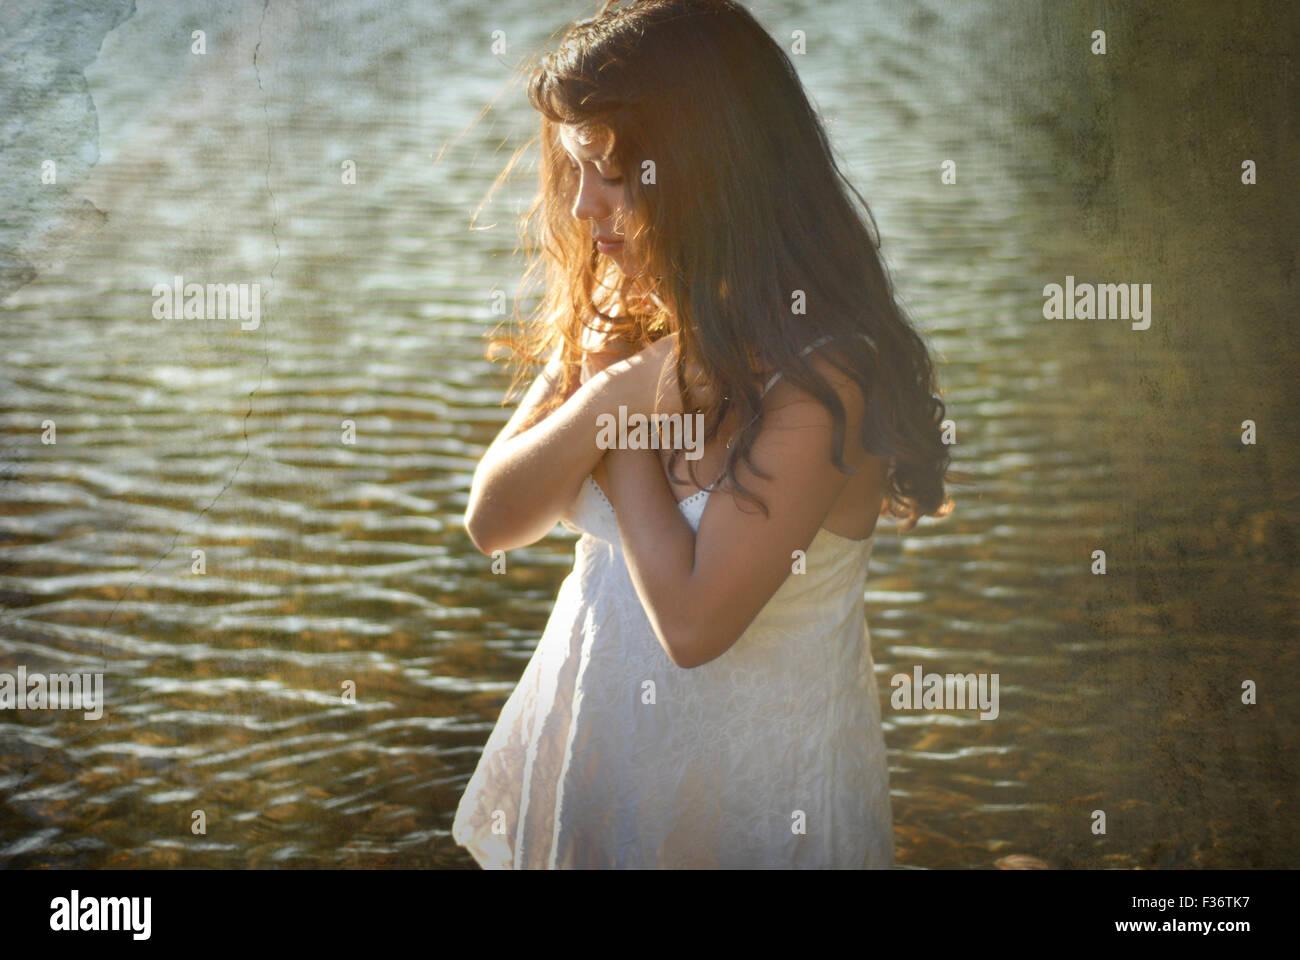 Menina cruz armas no rio de água verão vestido branco cabelos longos Imagens de Stock